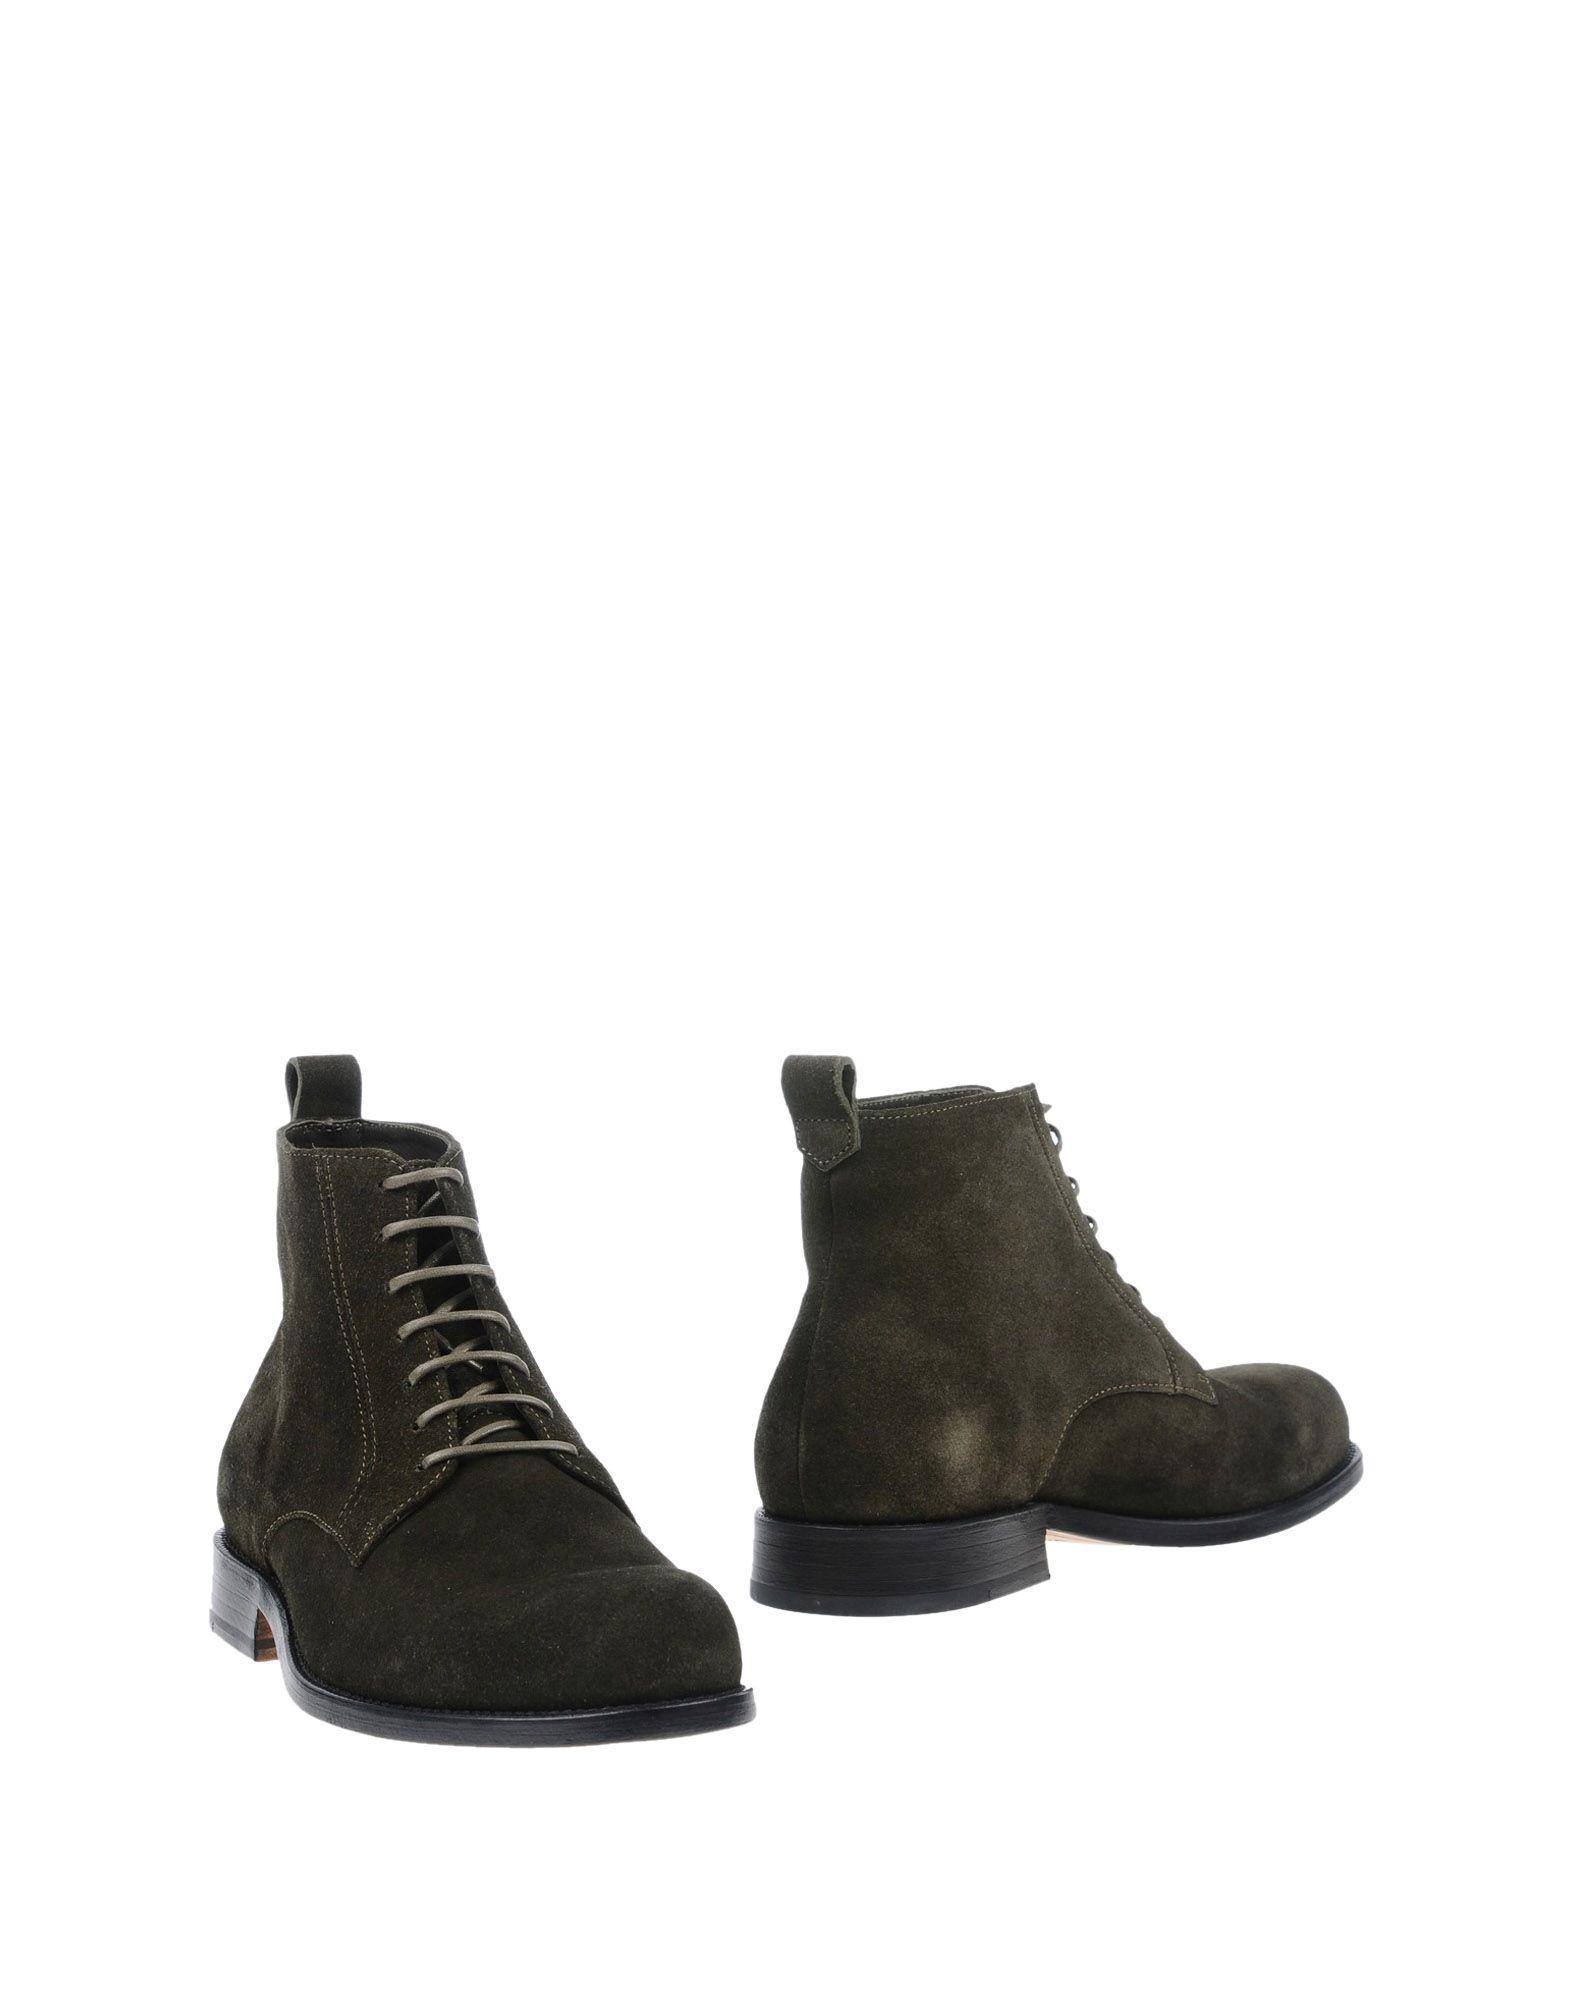 MAISON KITSUNÉ Полусапоги и высокие ботинки цены онлайн